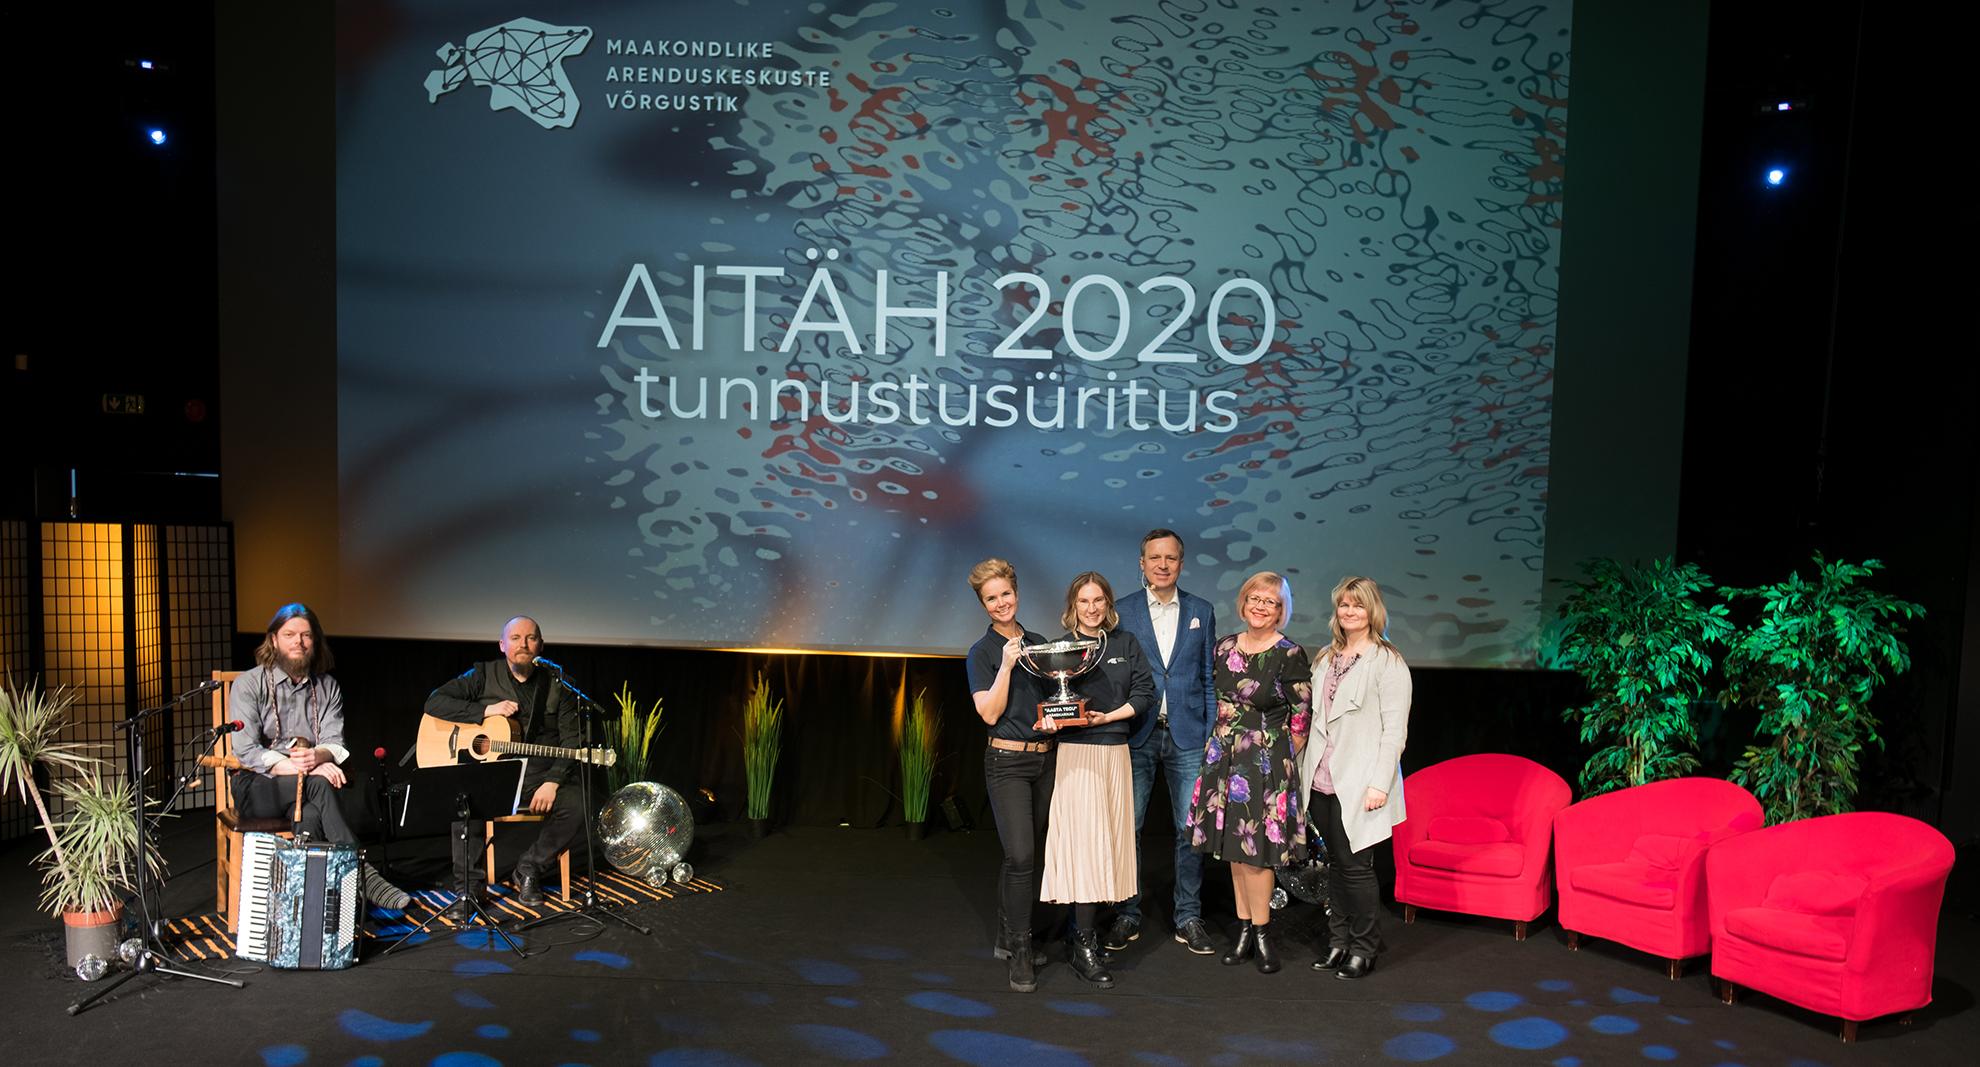 MAK võrgustiku tunnustamisüritus 2020